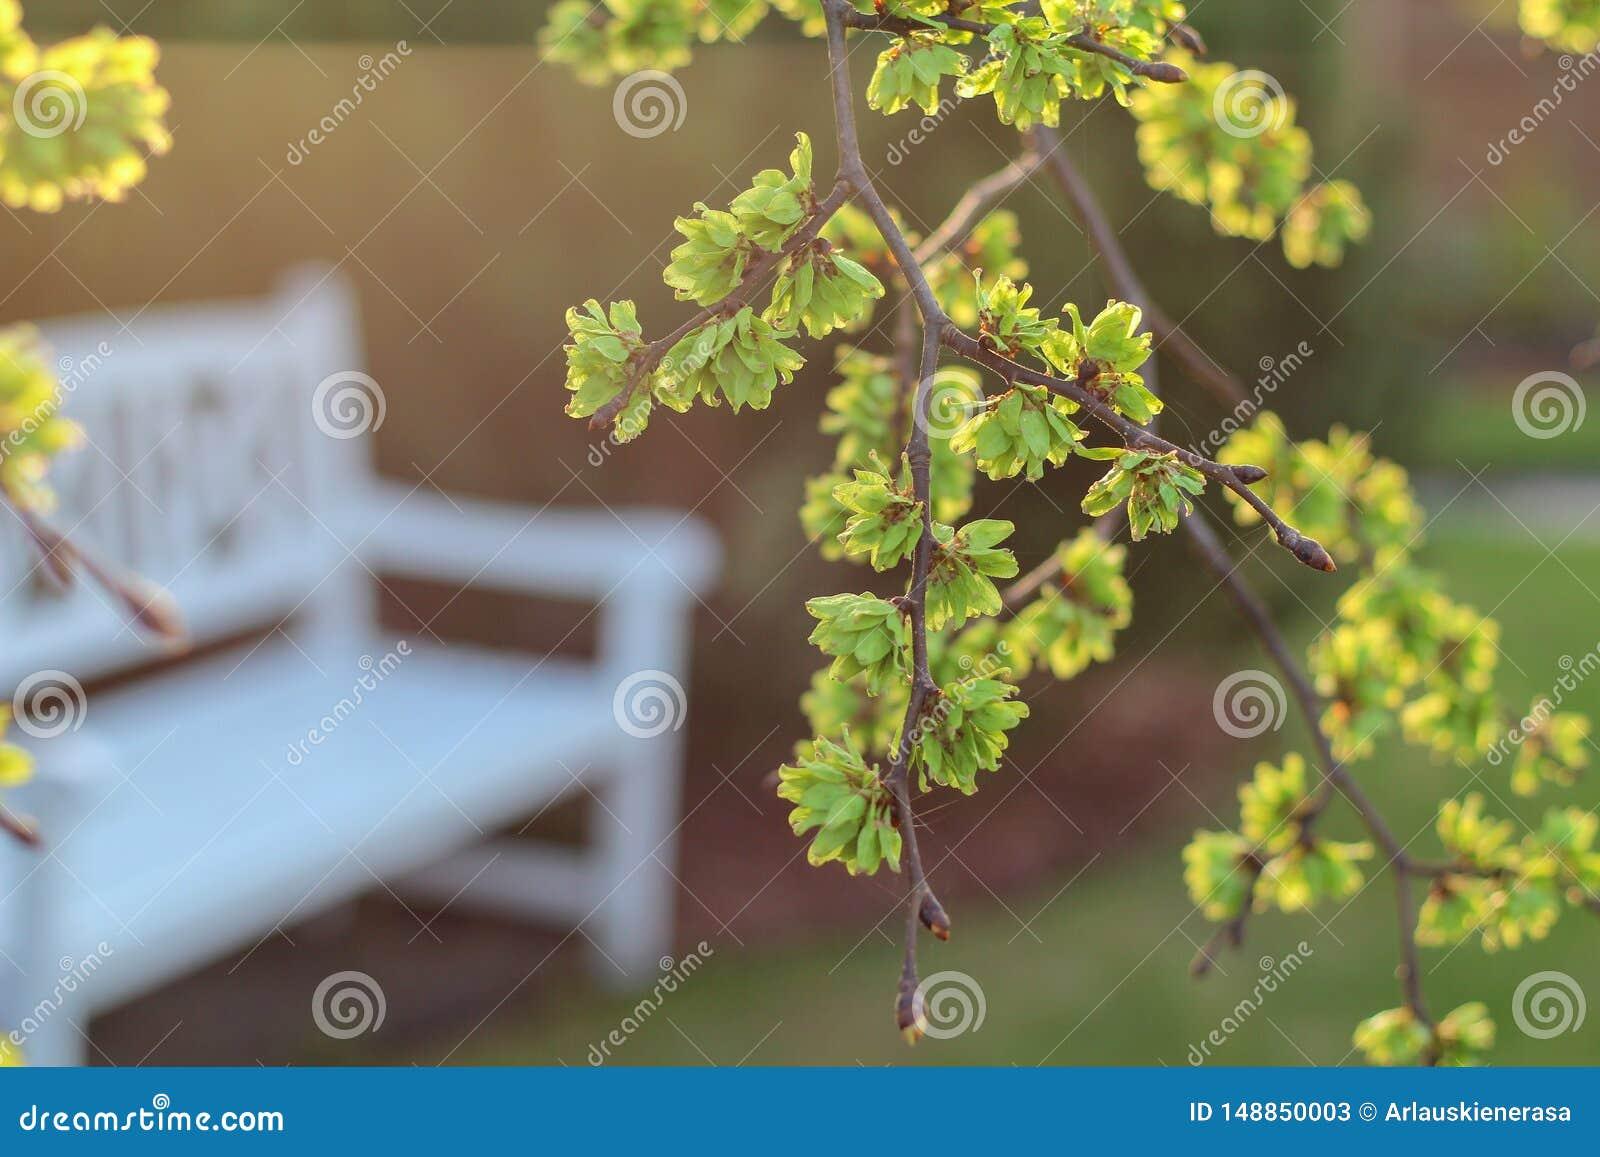 Opinión de la primavera en un jardín con un banco blanco debajo de un árbol de olmo floreciente